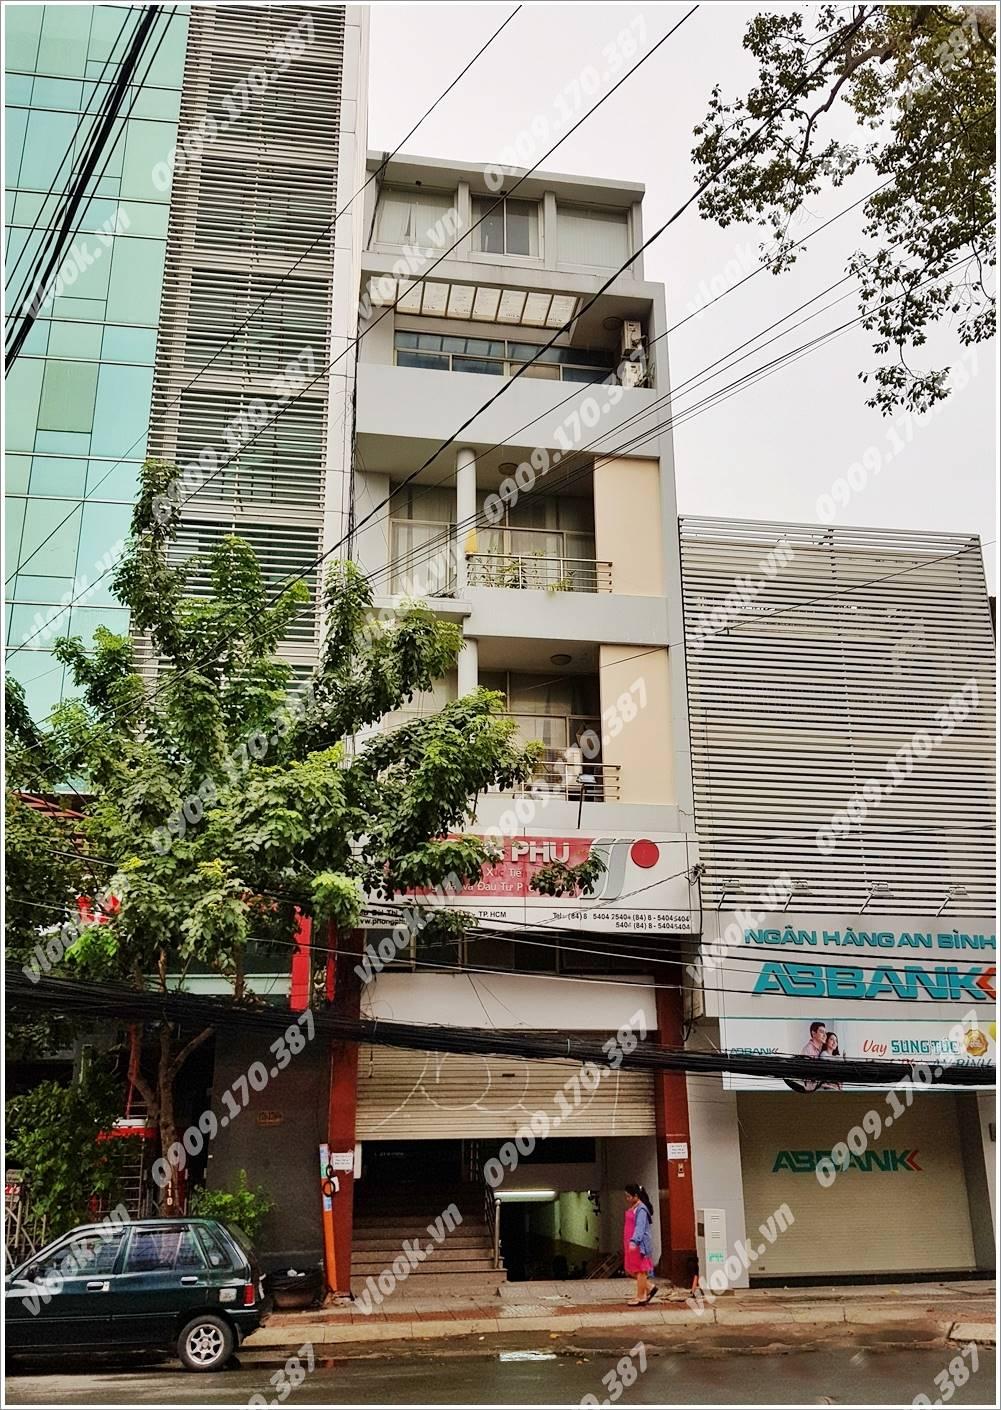 Cao ốc cho thuê văn phòng Phong Phú Building, Bùi Thị Xuân, Quận 1, TPHCM - vlook.vn